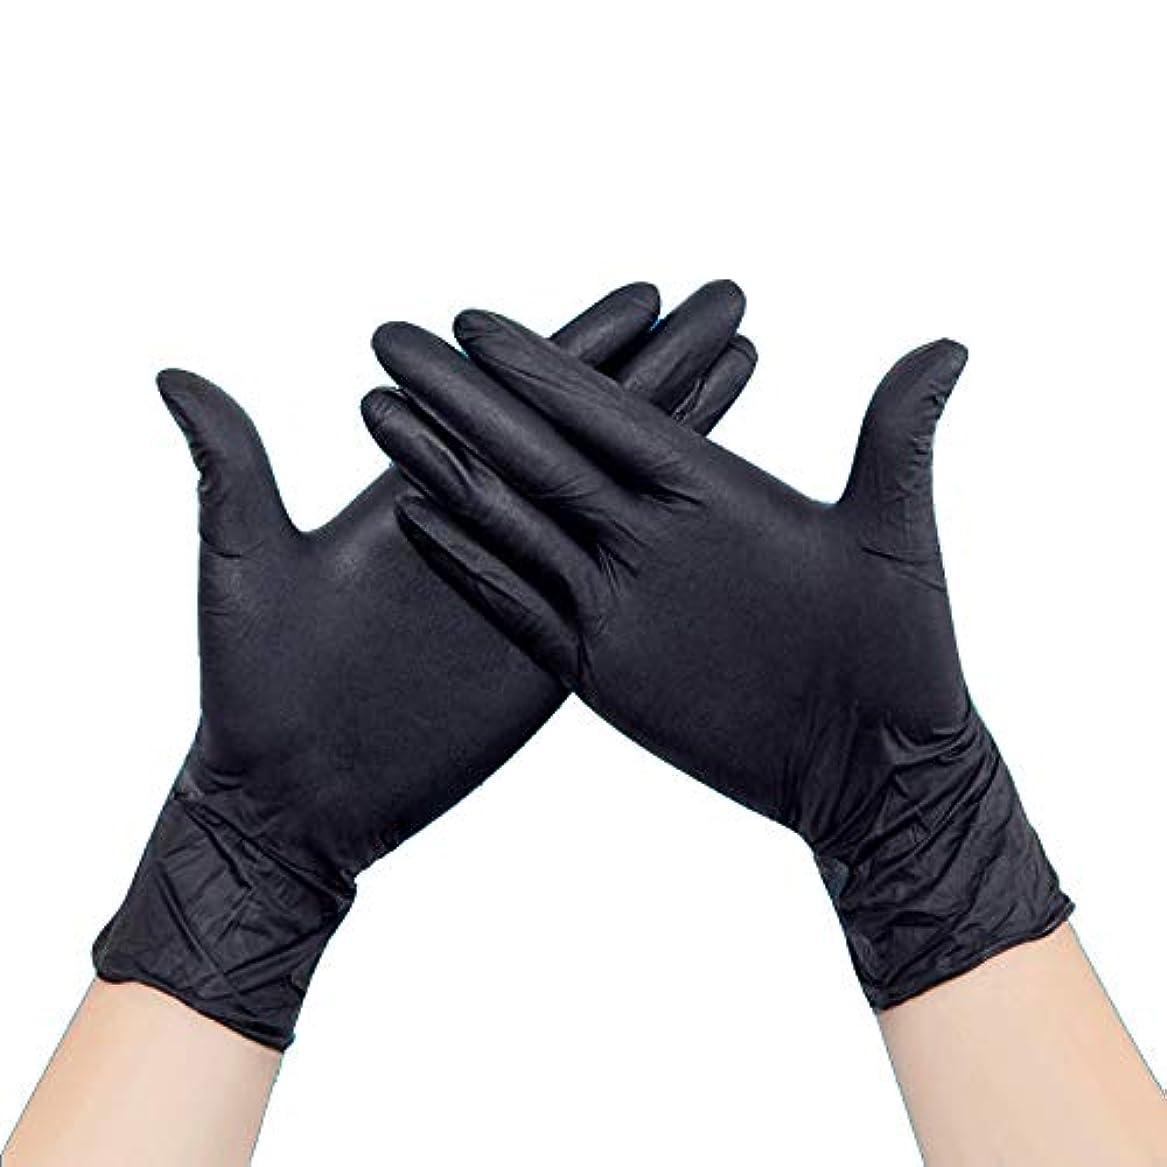 生息地致命的失業ニトリル手袋 使い捨て手袋 メカニックグローブ 50枚入 家庭、クリーニング、実験室、ネイルアート ブラック 帯電防止手袋 左右兼用